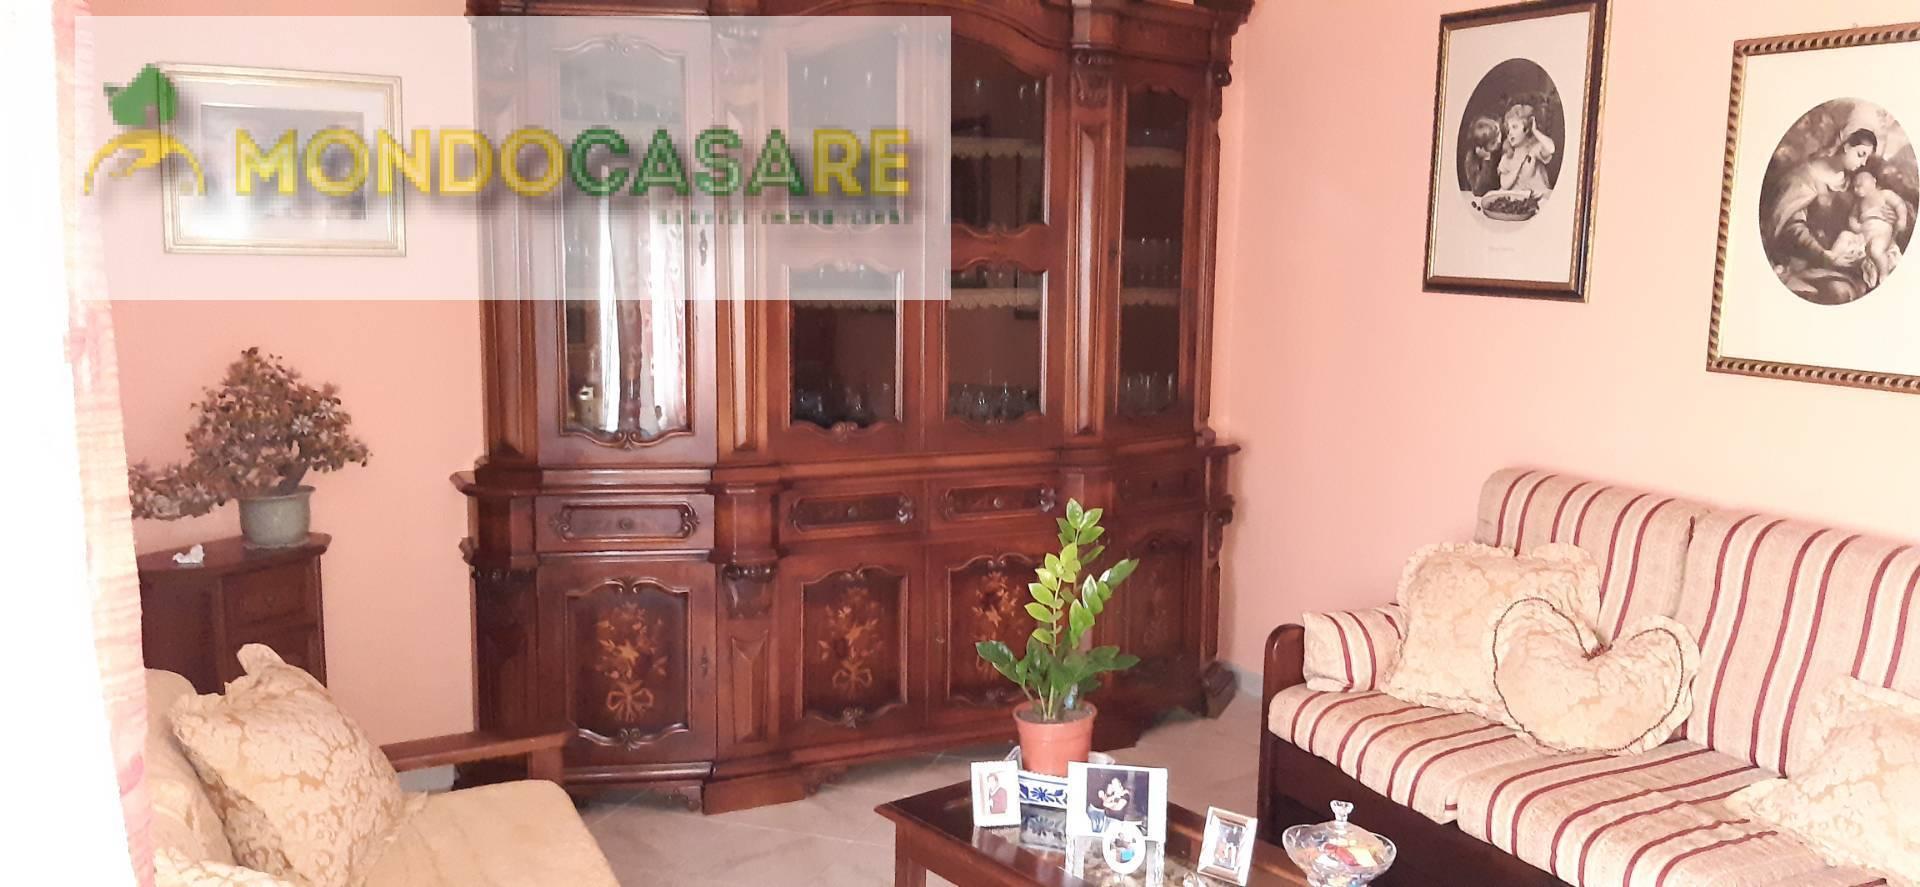 Villa in vendita a Palombara Sabina, 4 locali, zona Località: ZonaBPalombaraSabina, prezzo € 89.000 | CambioCasa.it